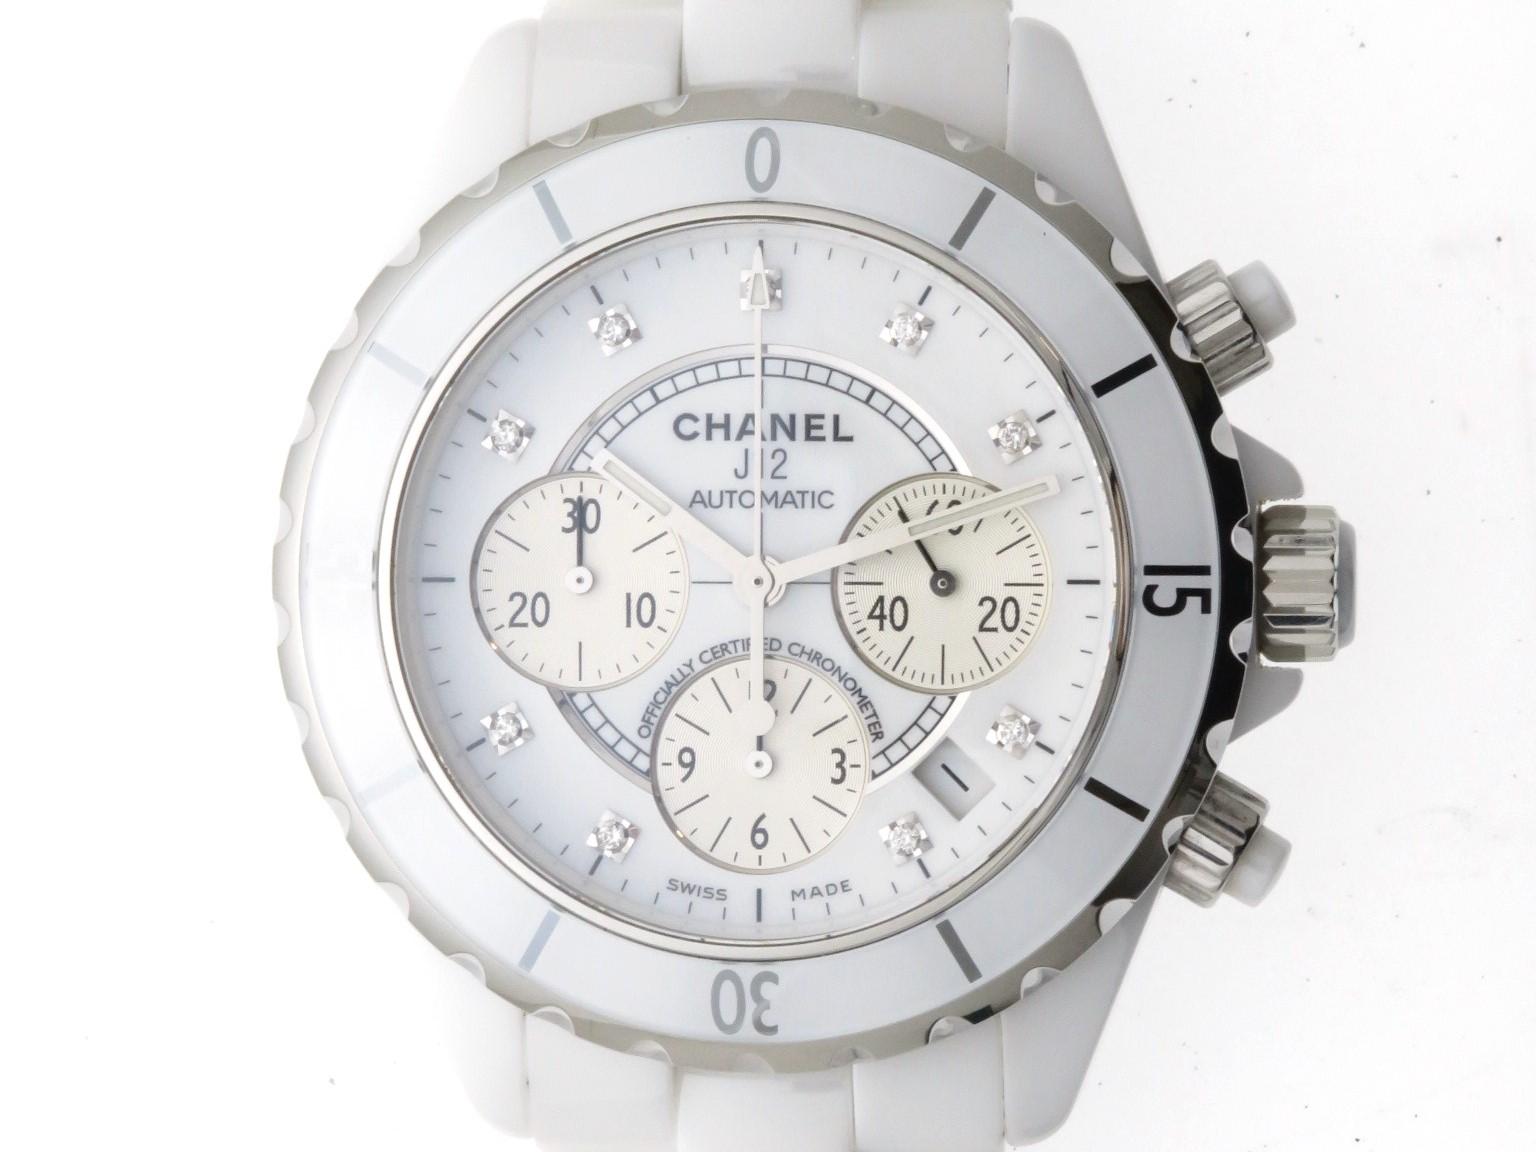 CHANEL シャネル 時計 J12 クロノグラフ  オートマチック H2009 白文字盤 9Pダイヤインデックス カレンダー機能 セラミック/ステンレススチール メンズ時計【430】